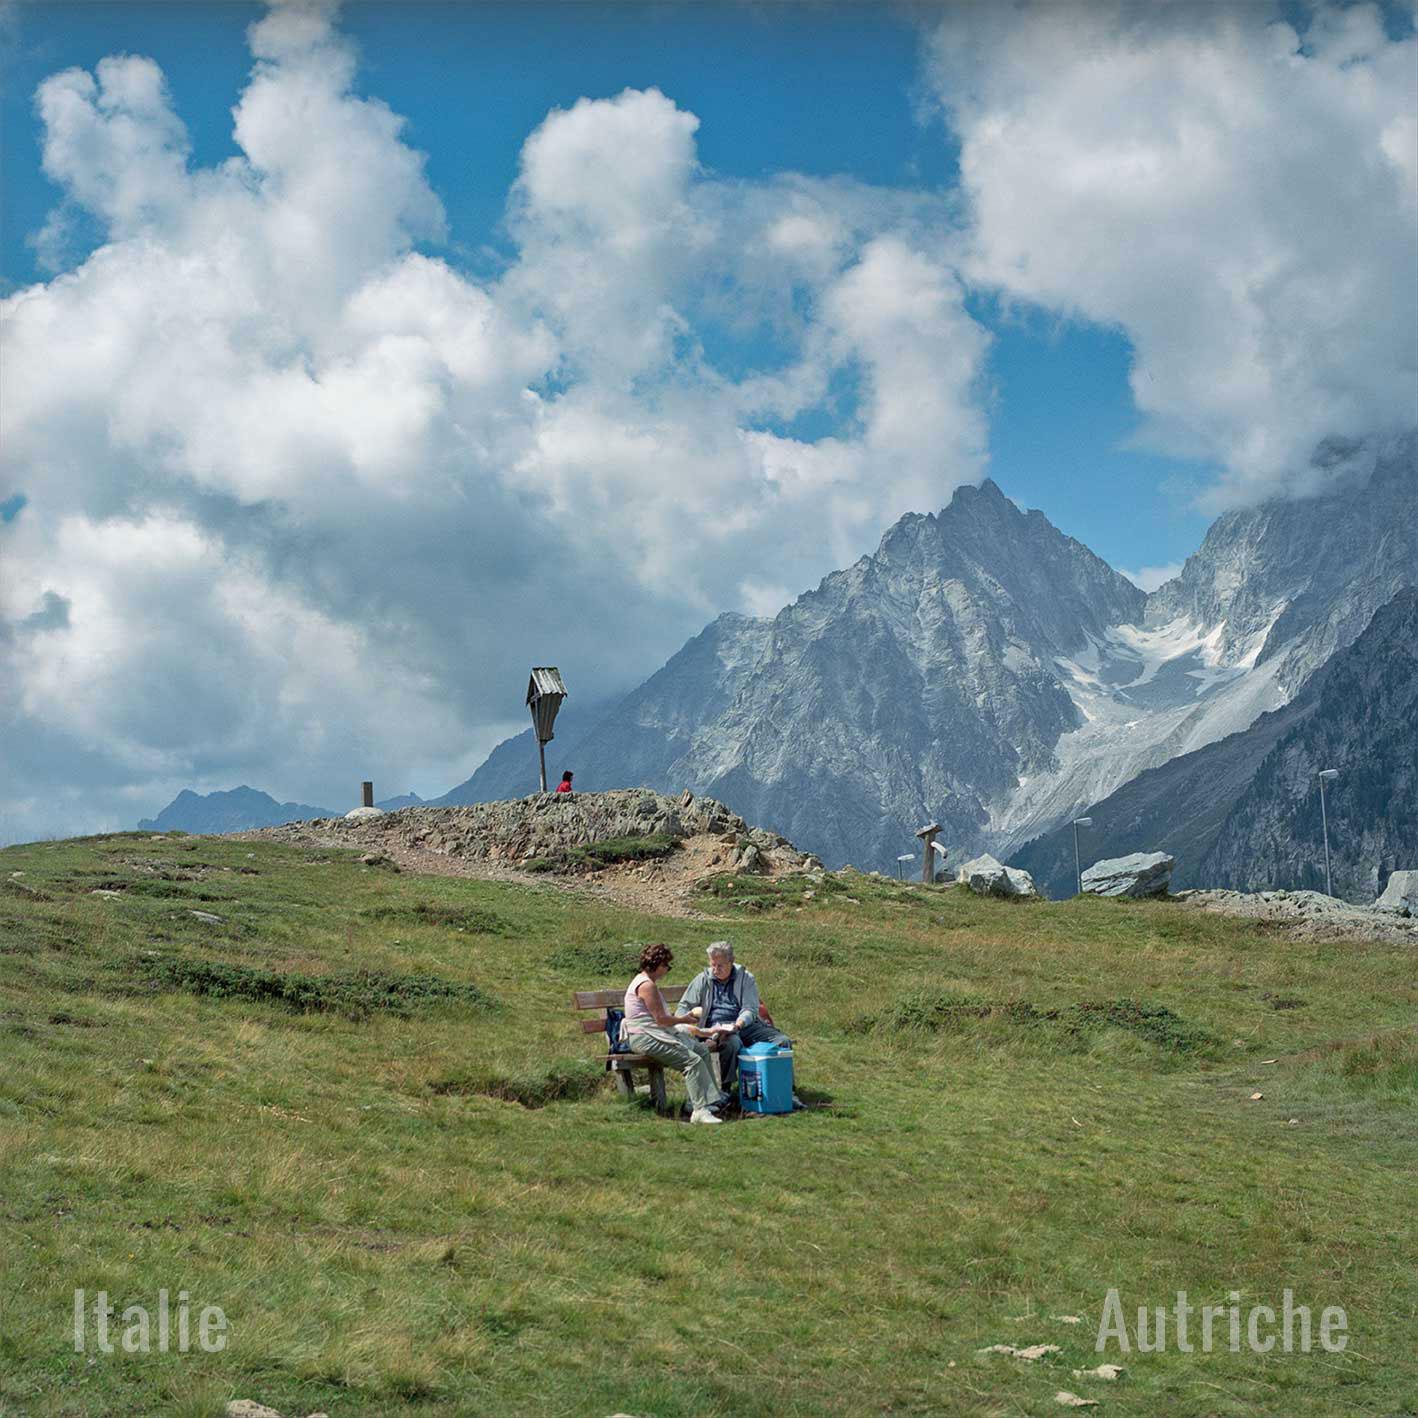 Italie / Autriche